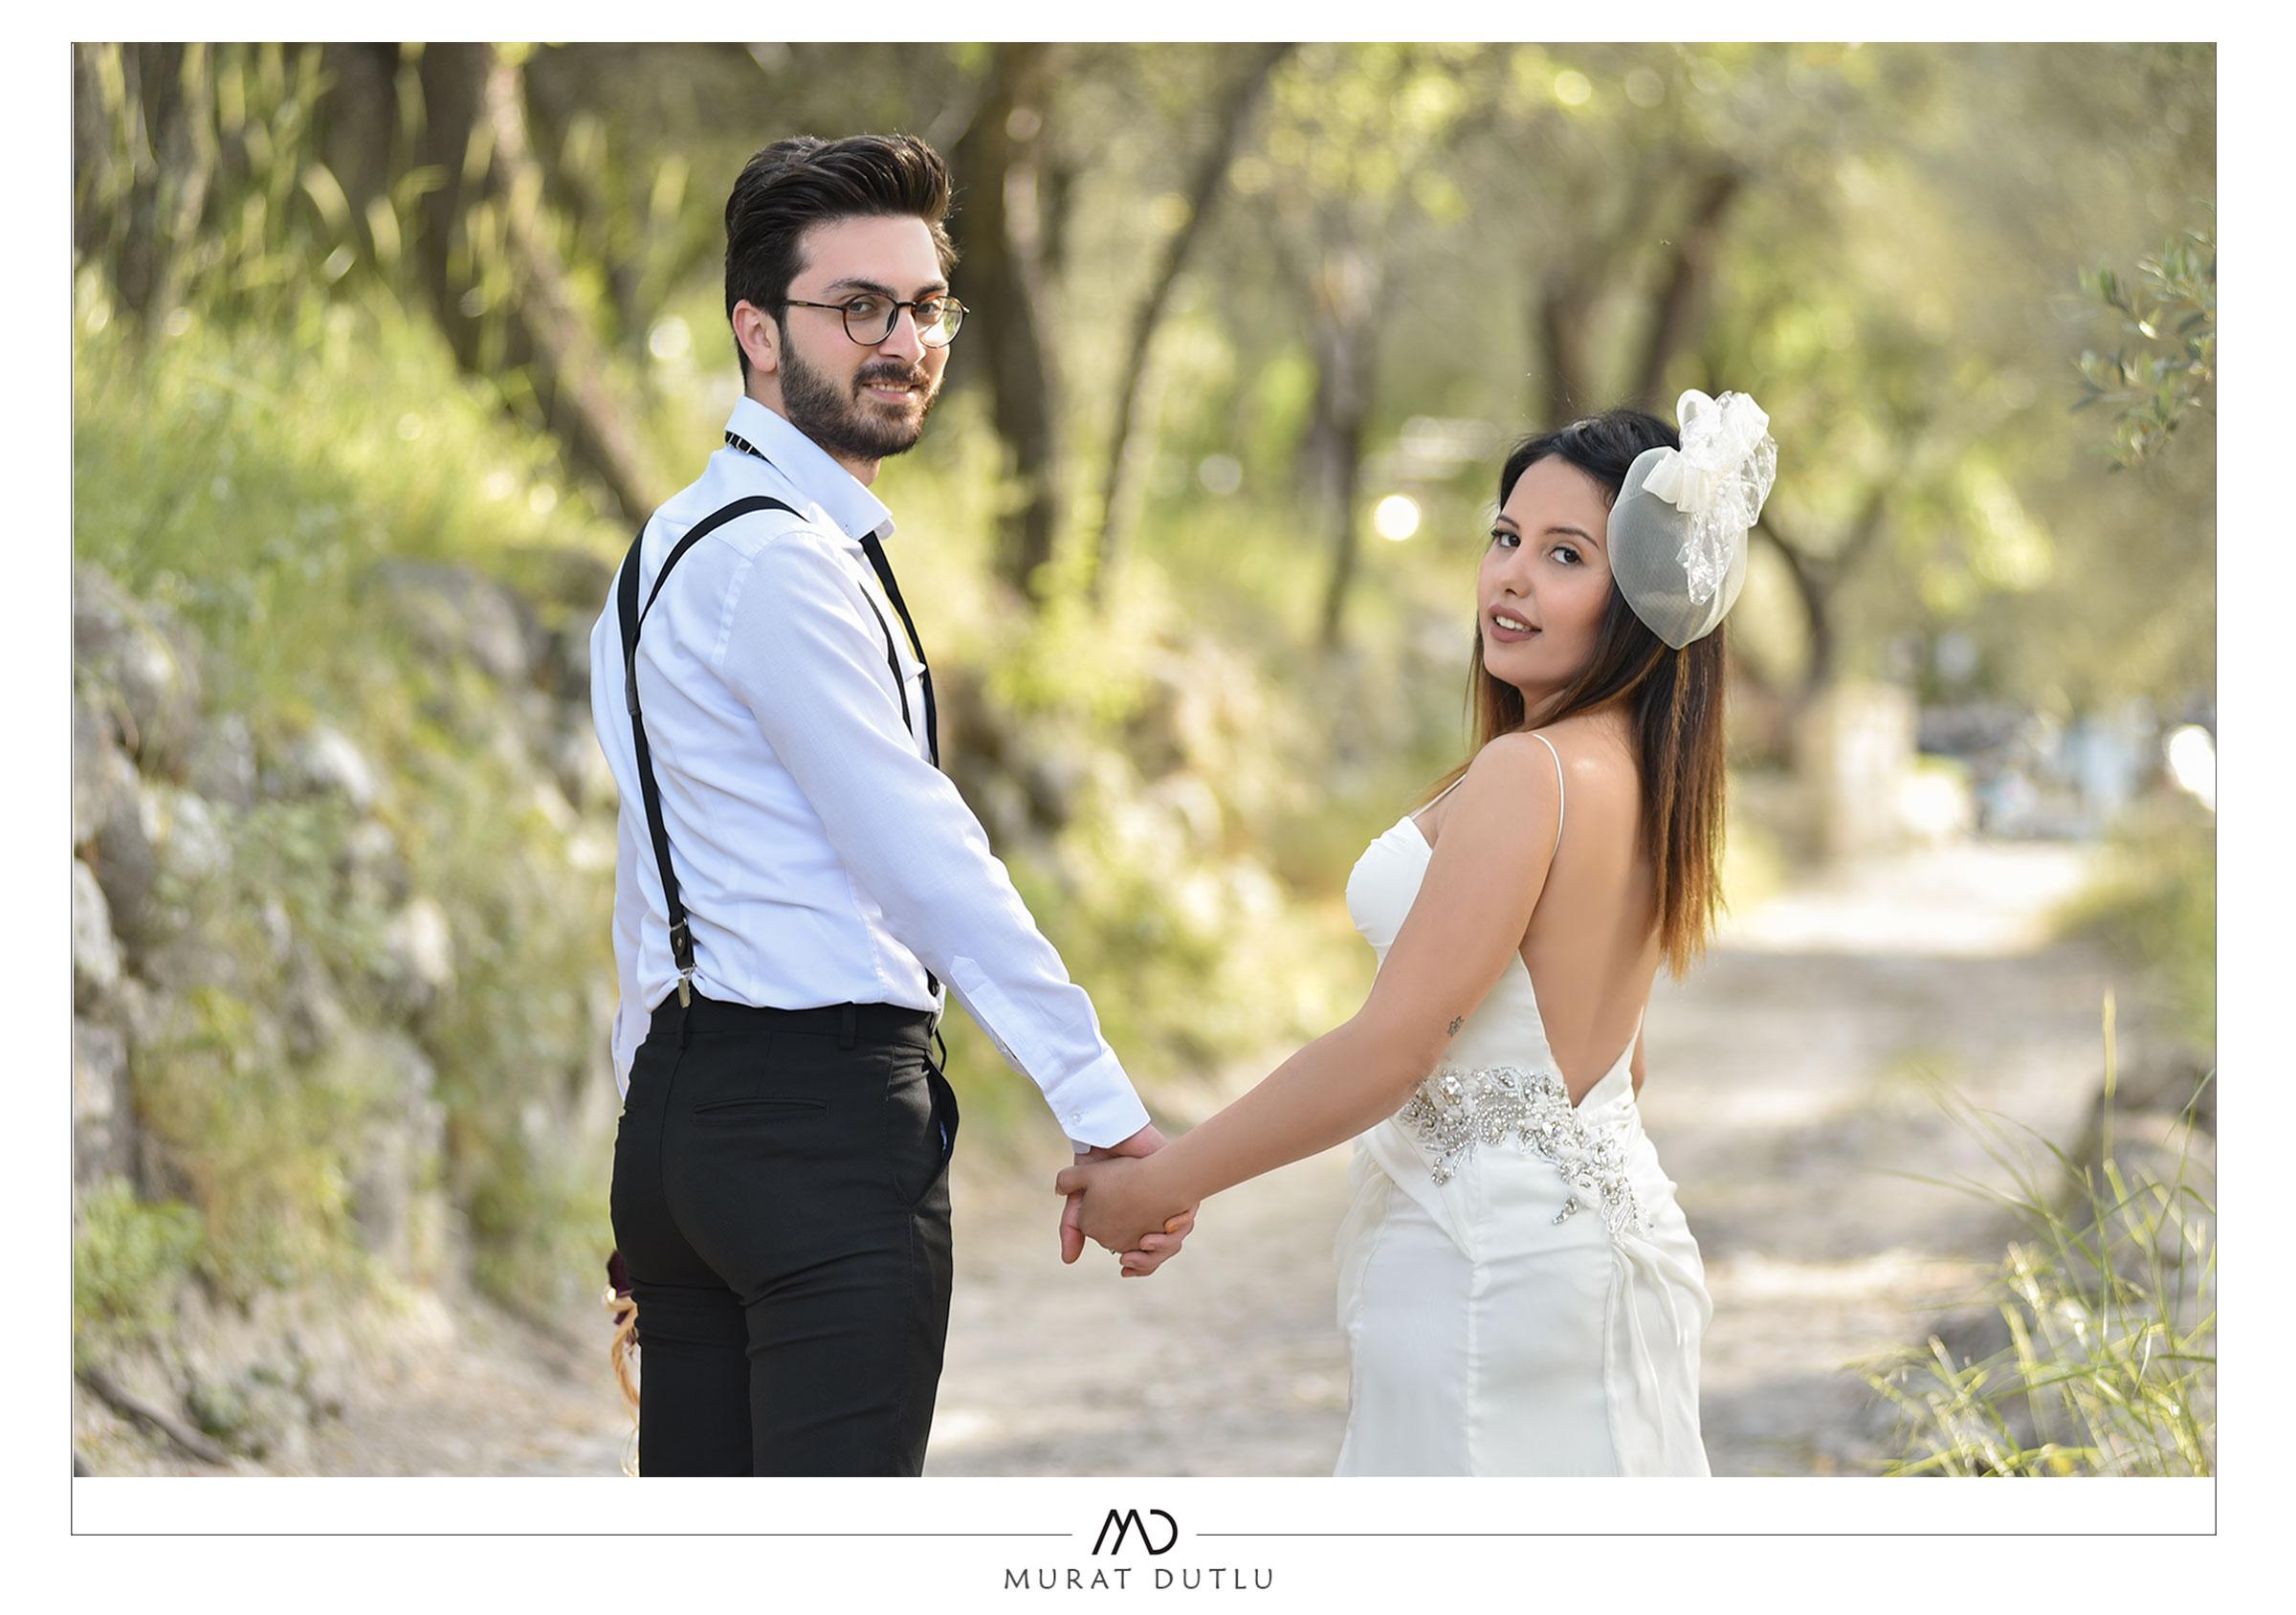 Alaçatı düğün dış çekim fotoğrafçı